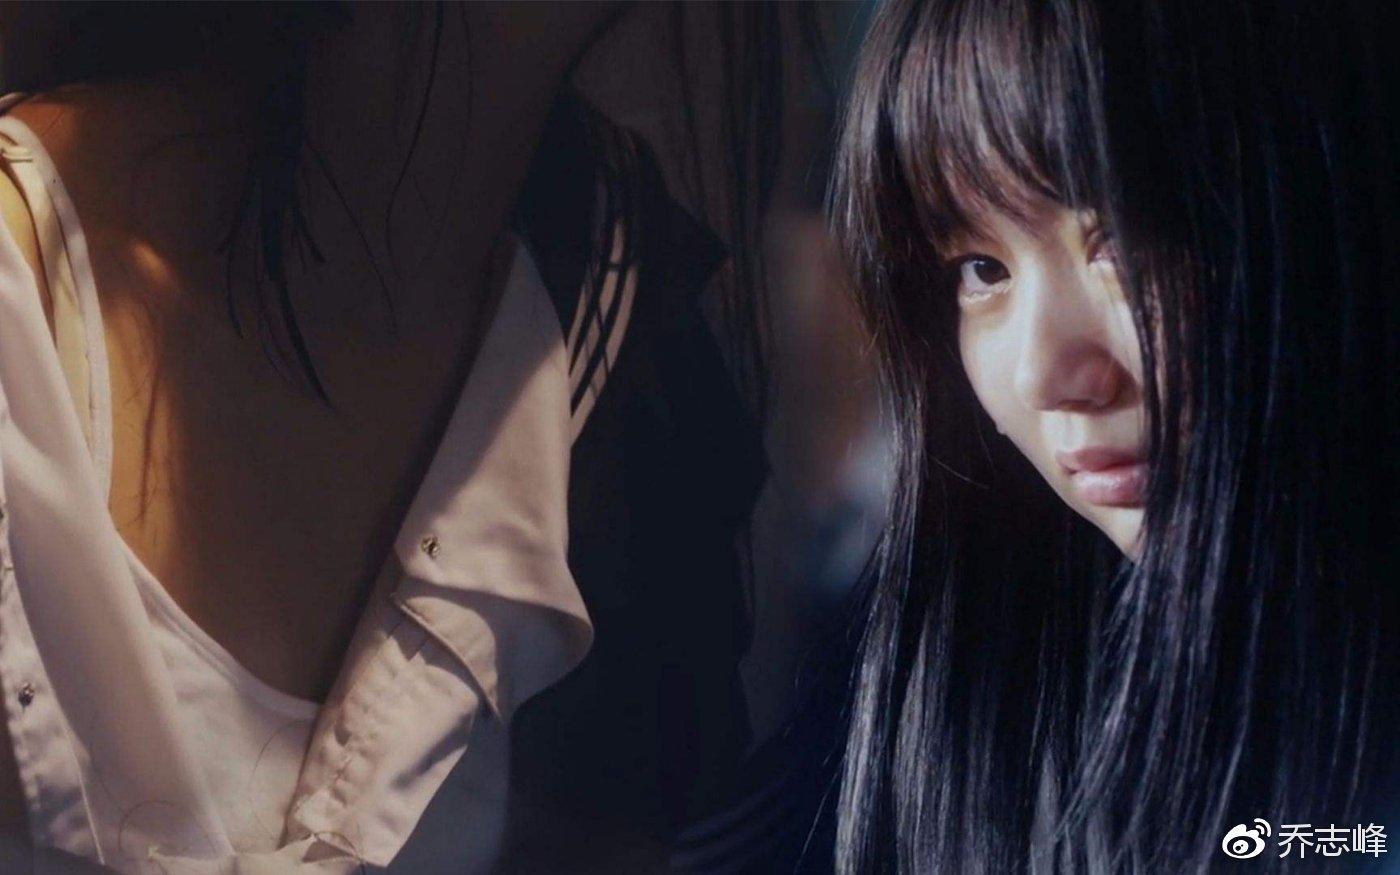 不忍直视!古代日本人惩罚女囚犯的12大变态酷刑 -趣历史